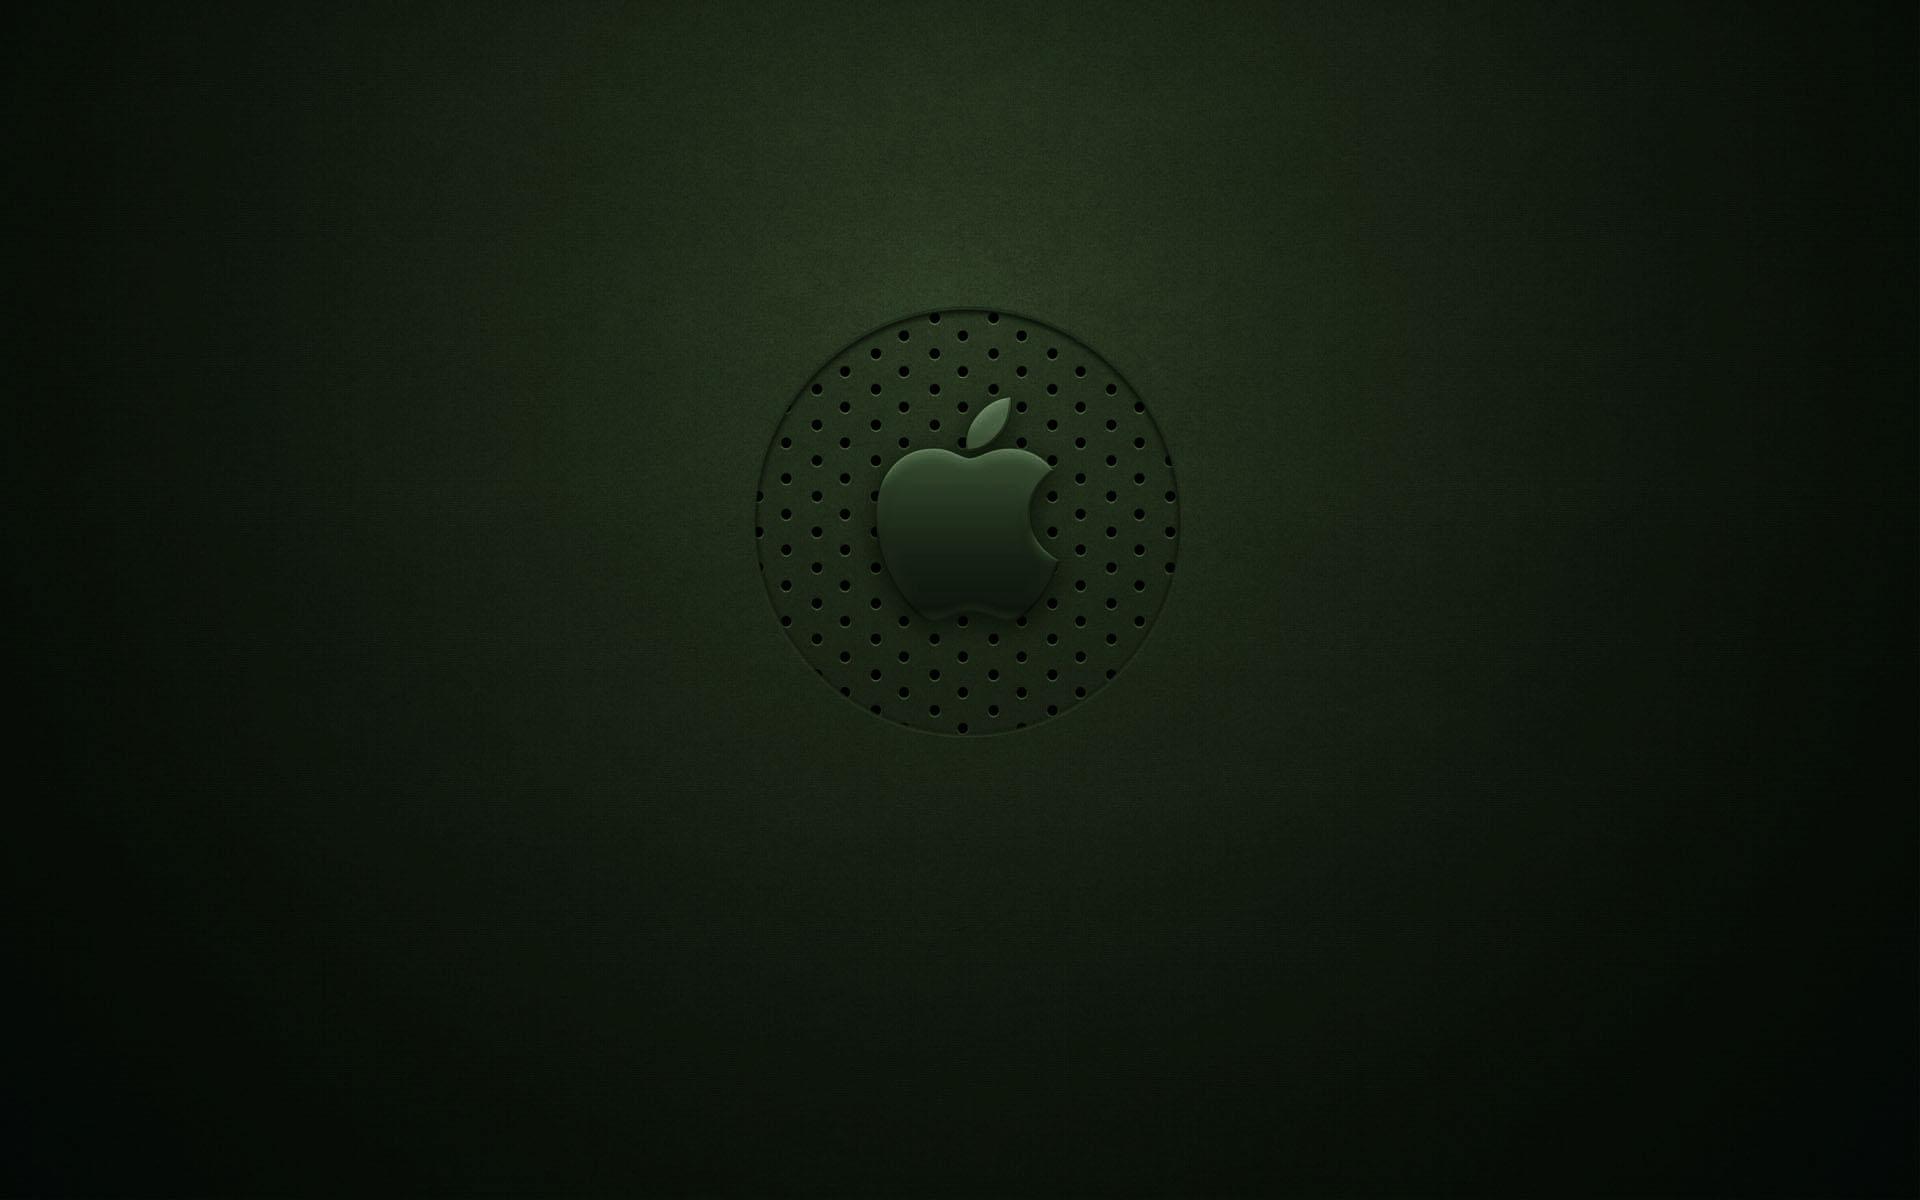 壁纸/Apple主题46 2